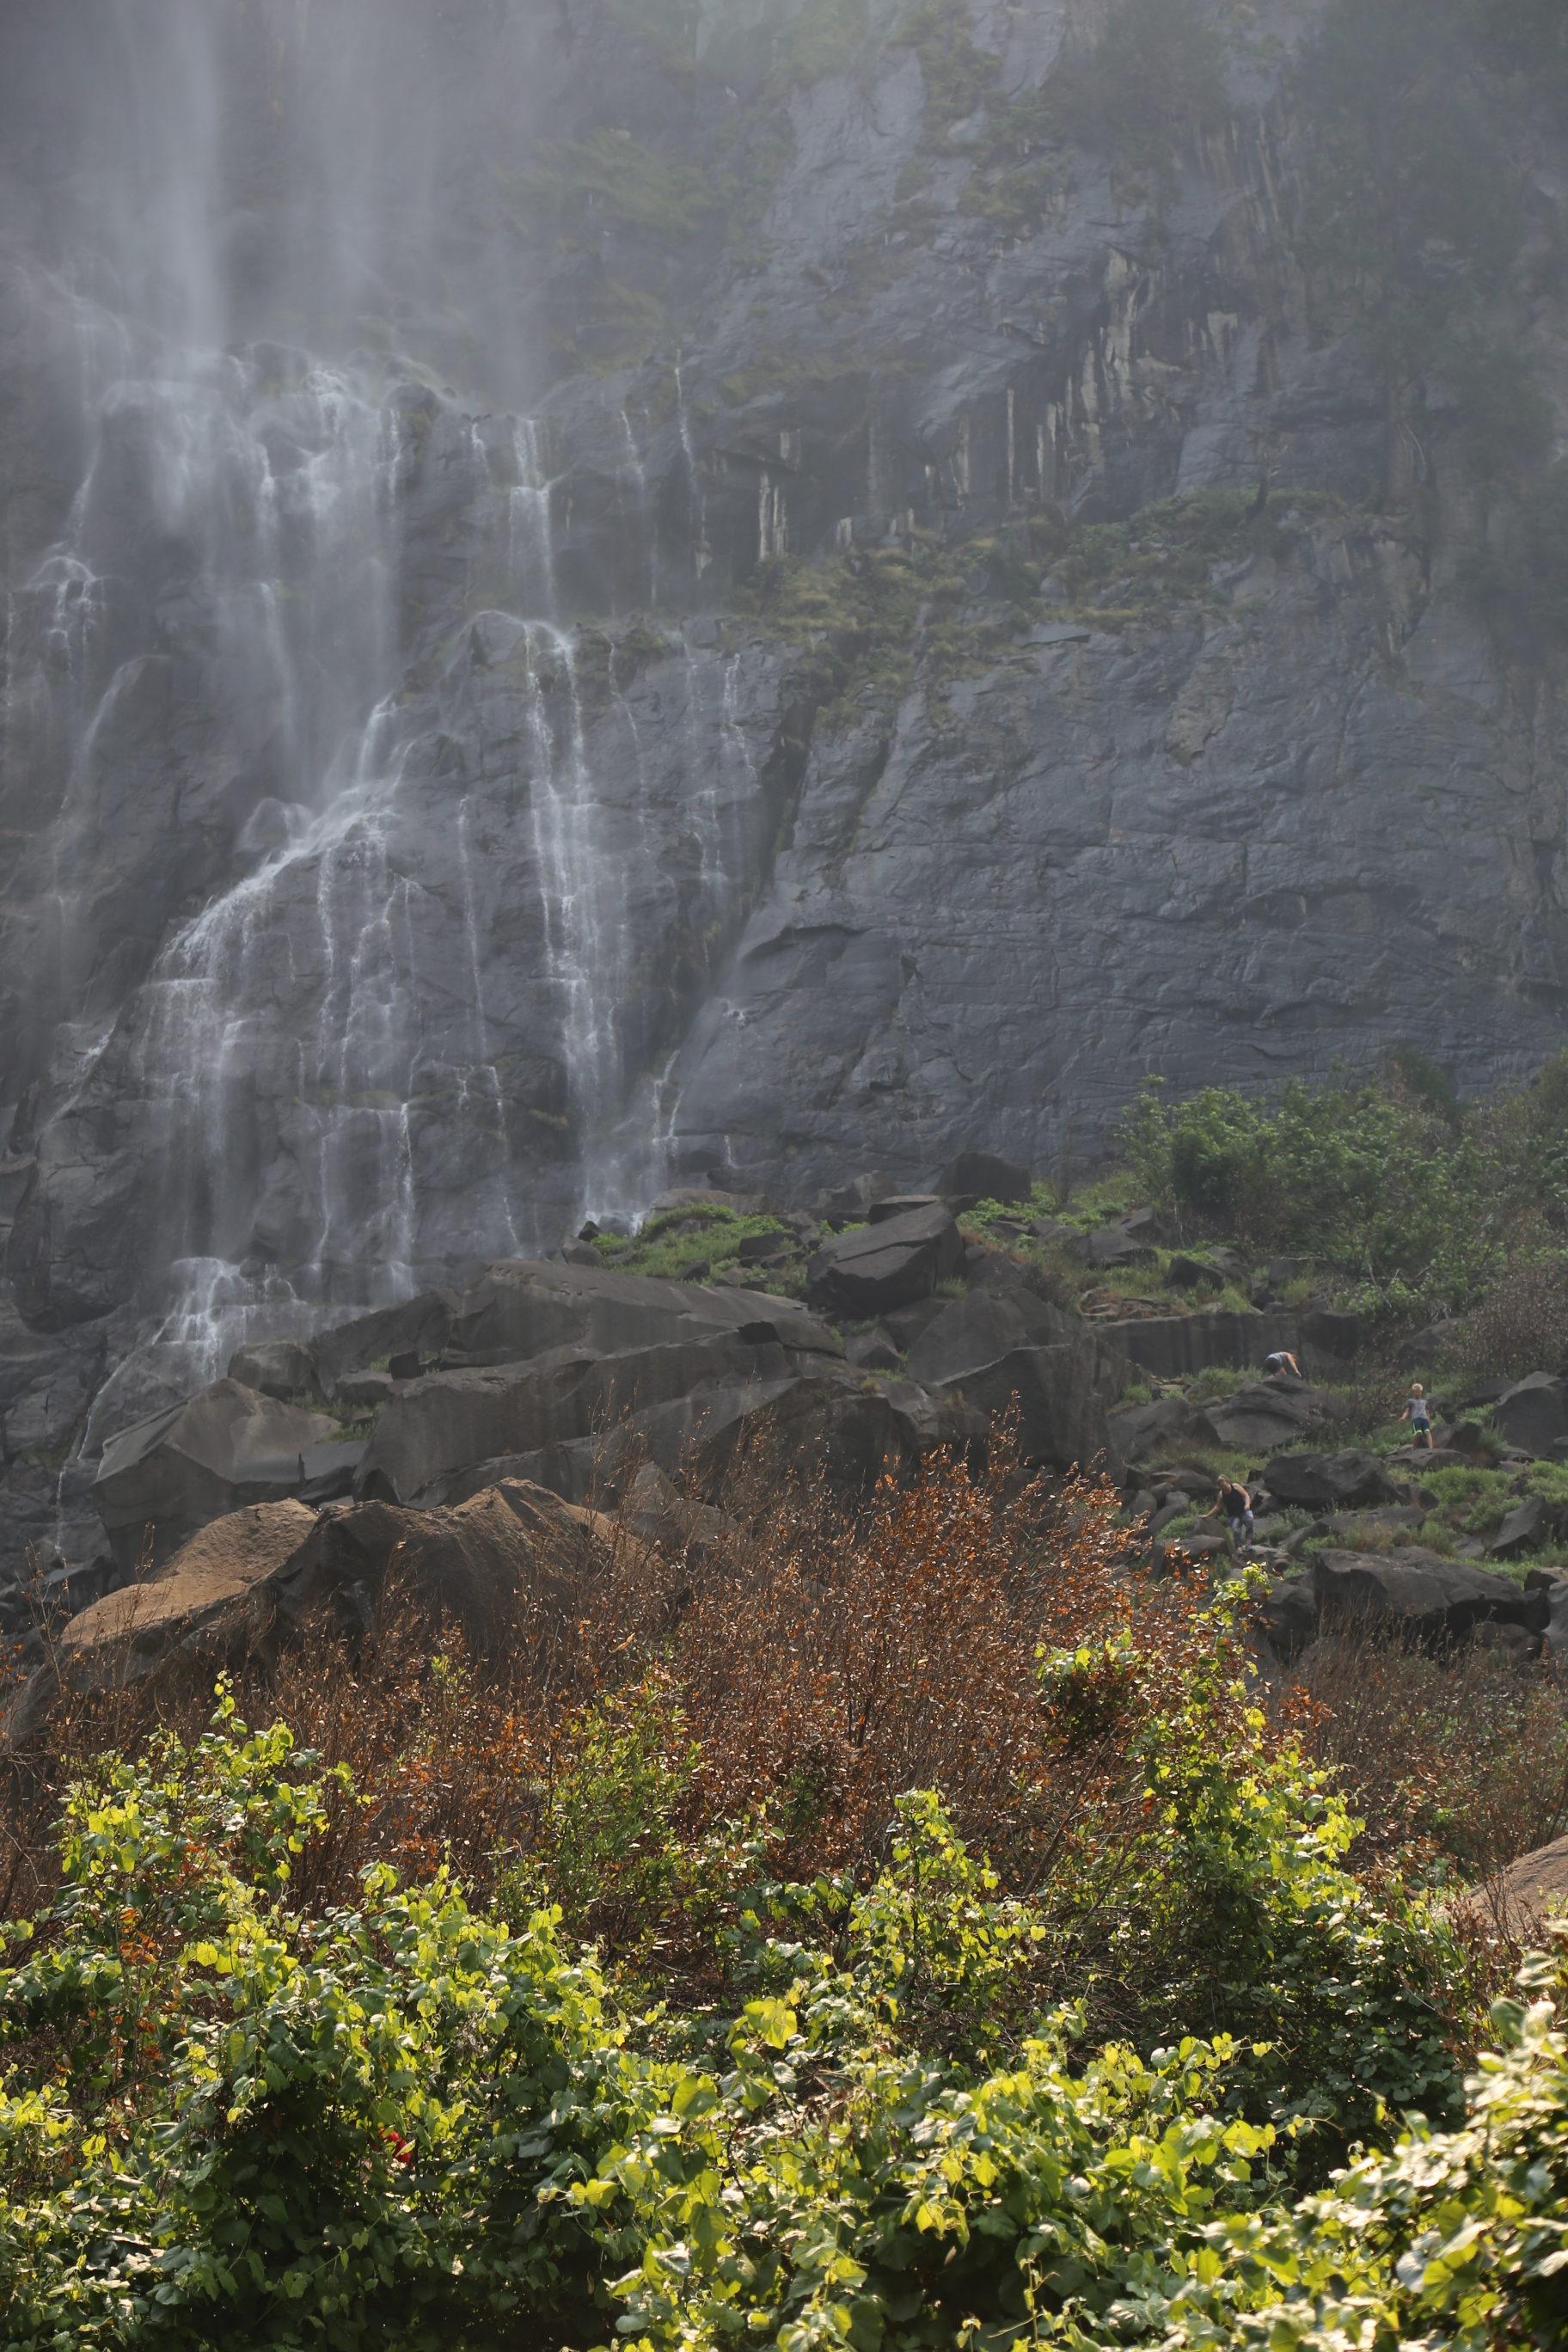 ブライダルベール滝